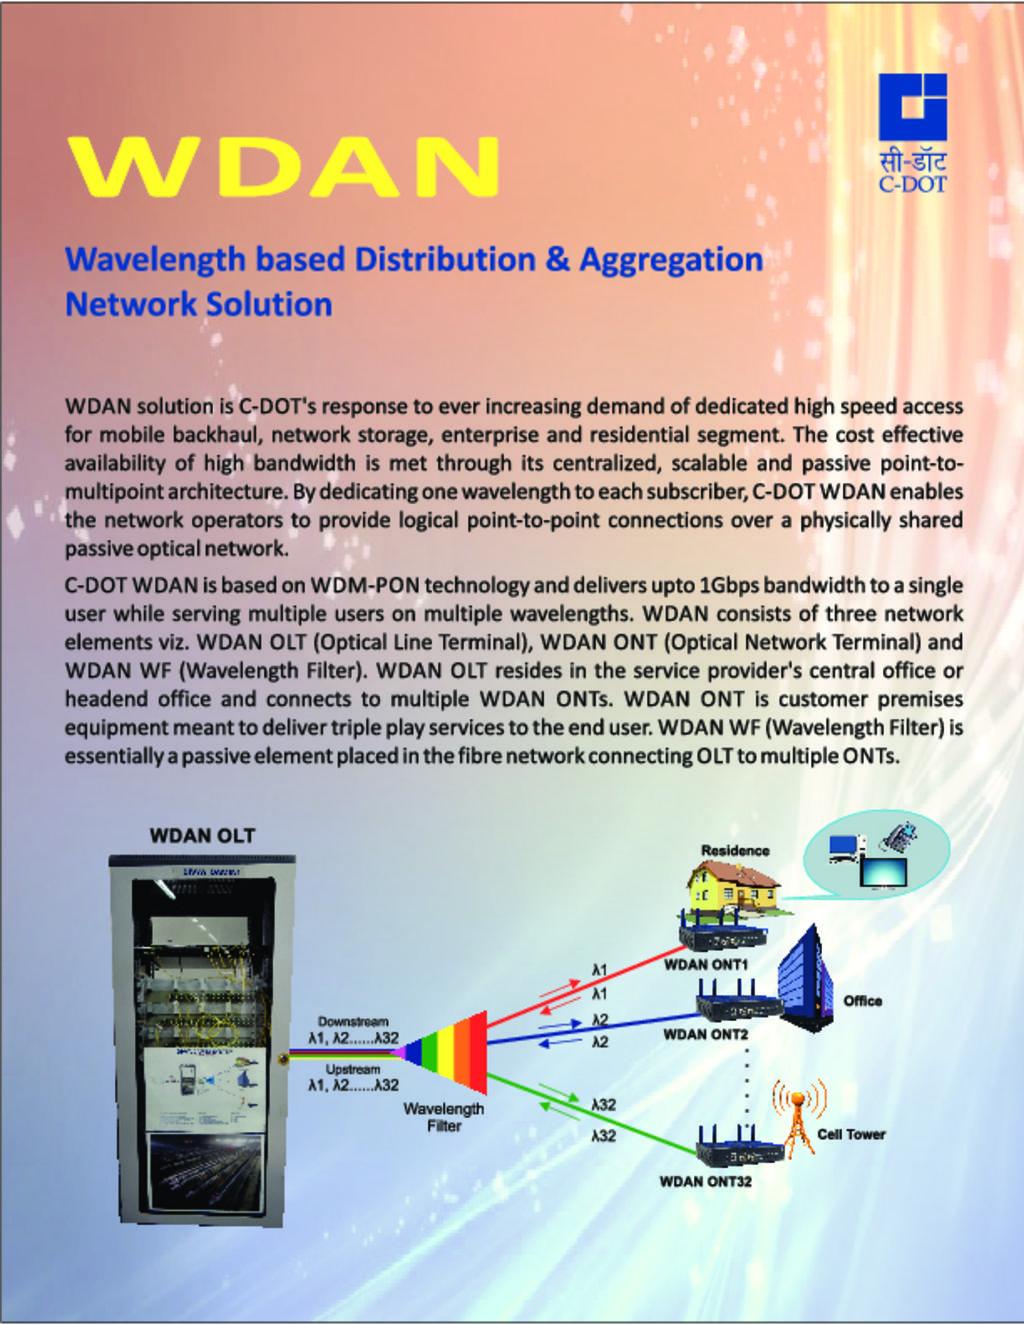 Wdan_Network Solution